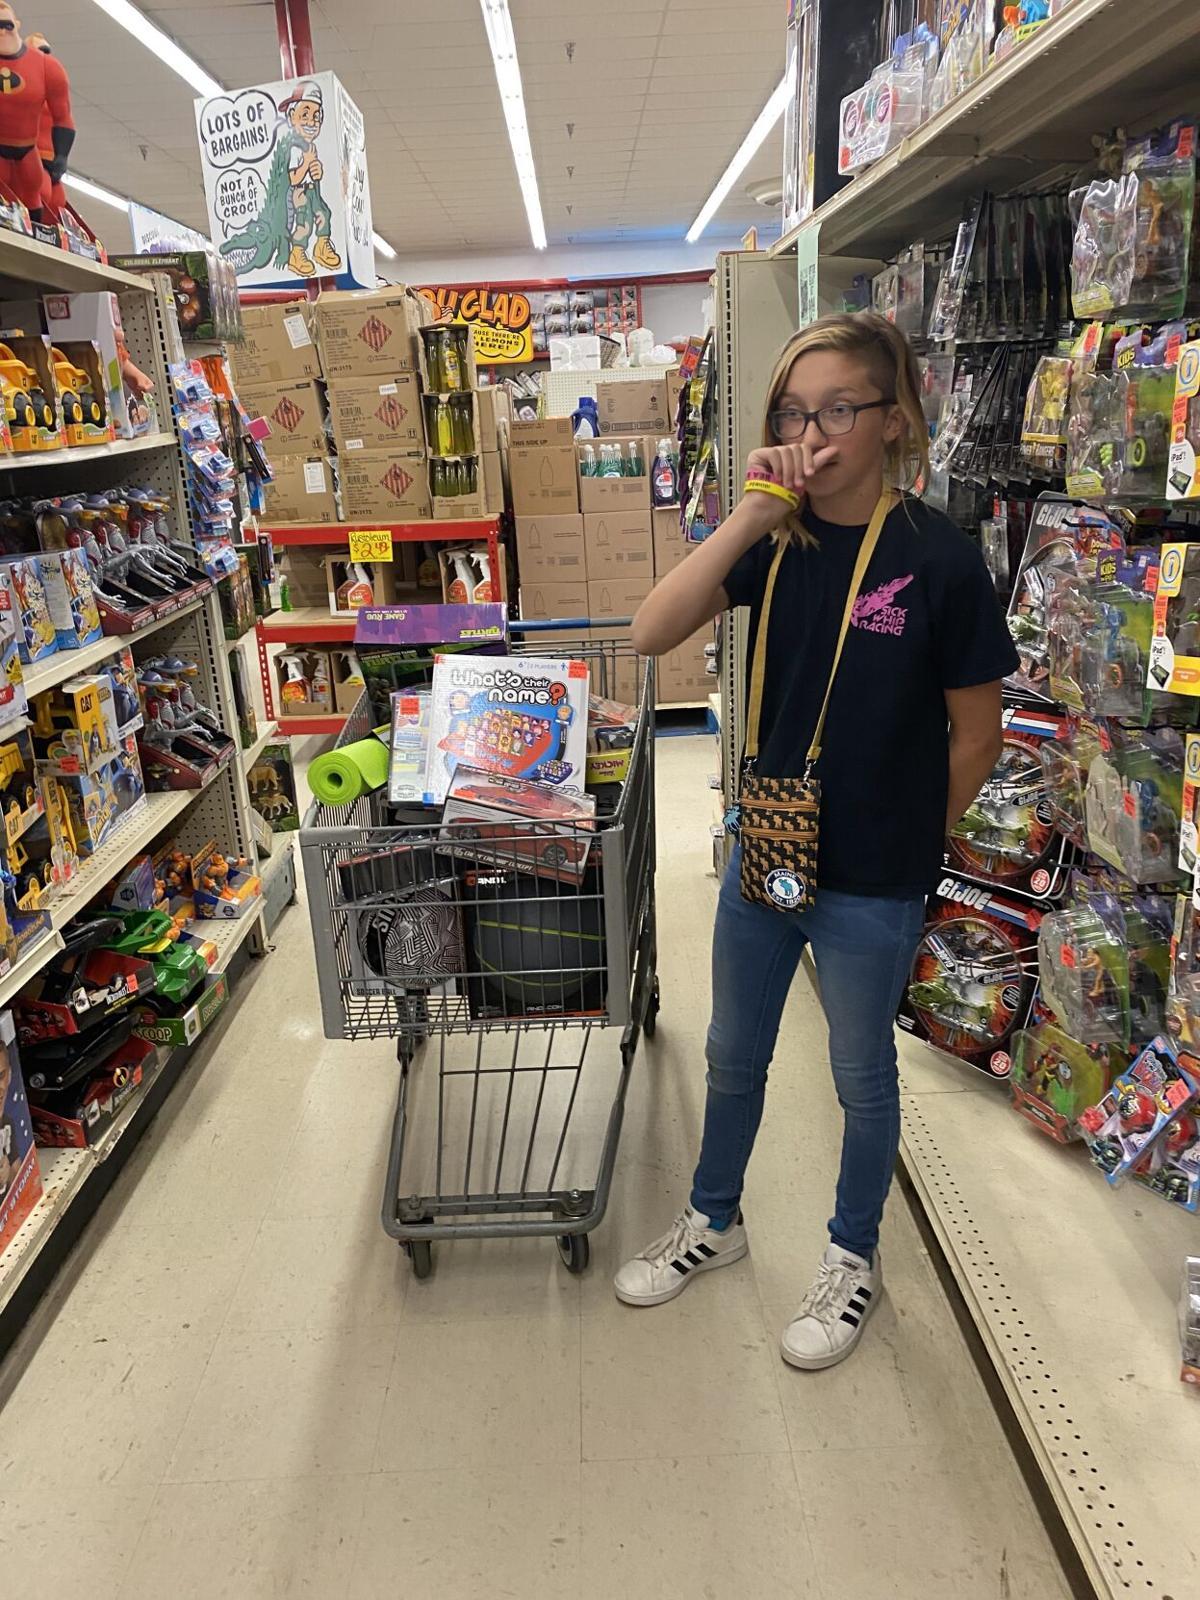 Girl raises $3,050 to buy toys for Shriners children